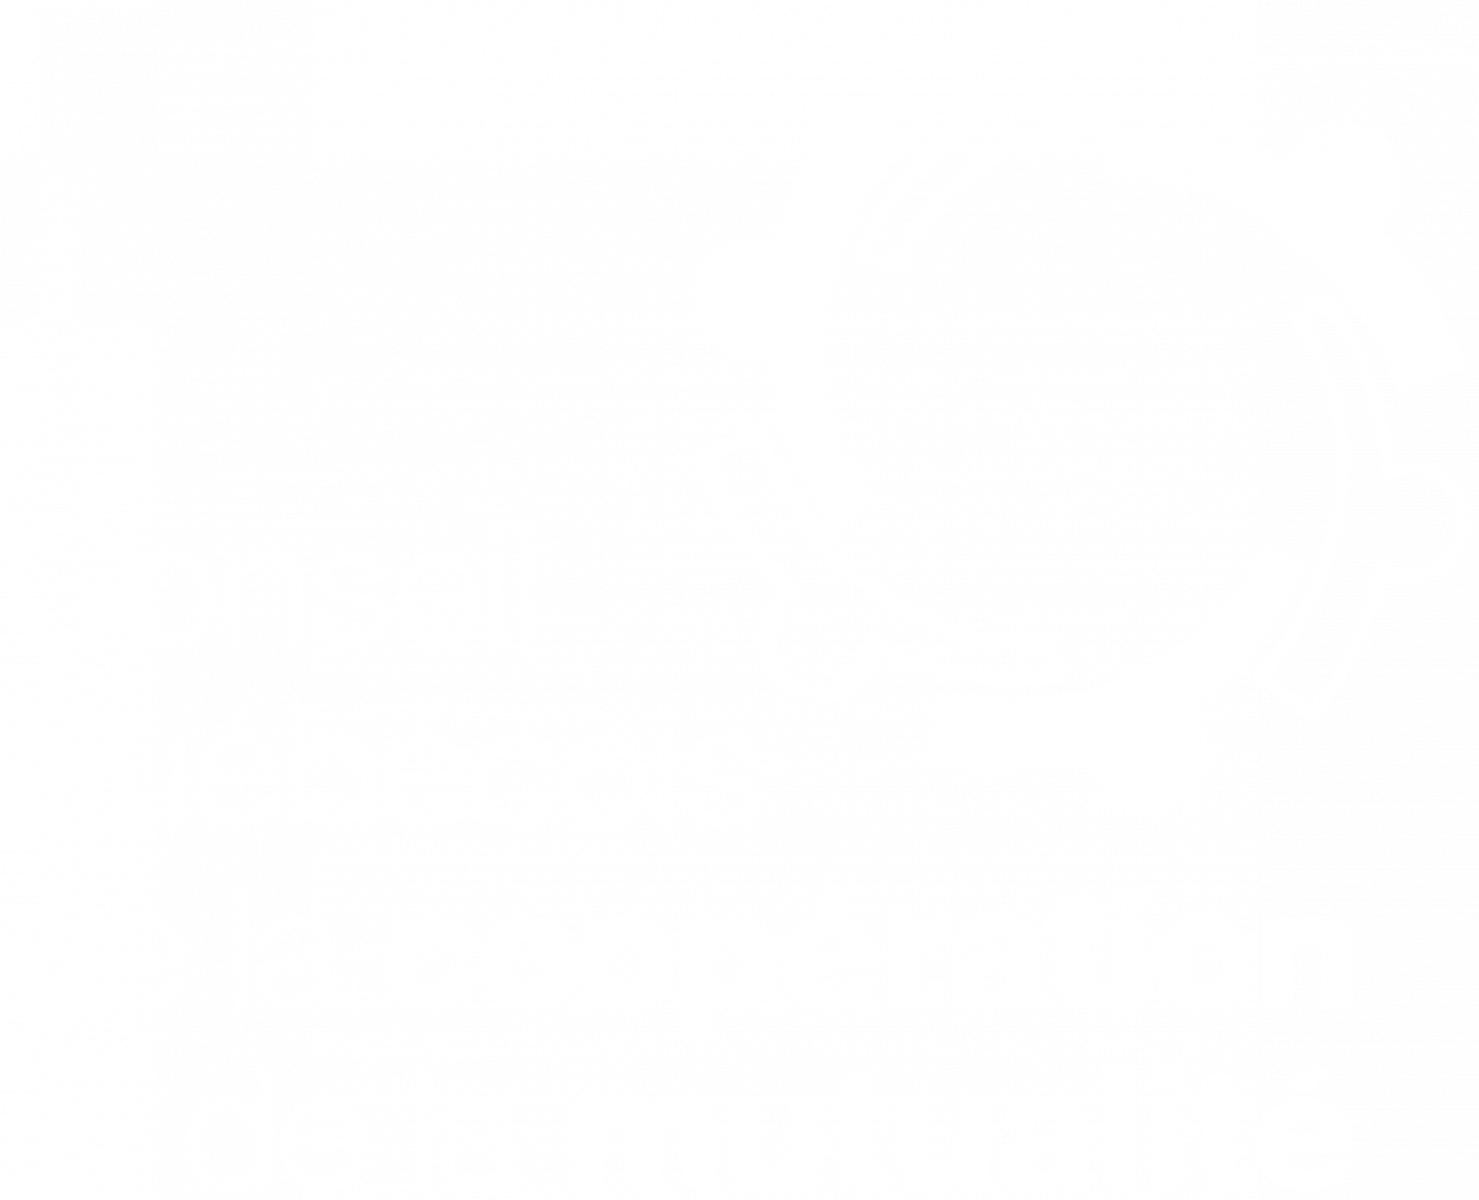 Conseil québécois de la coopération et de la mutualité